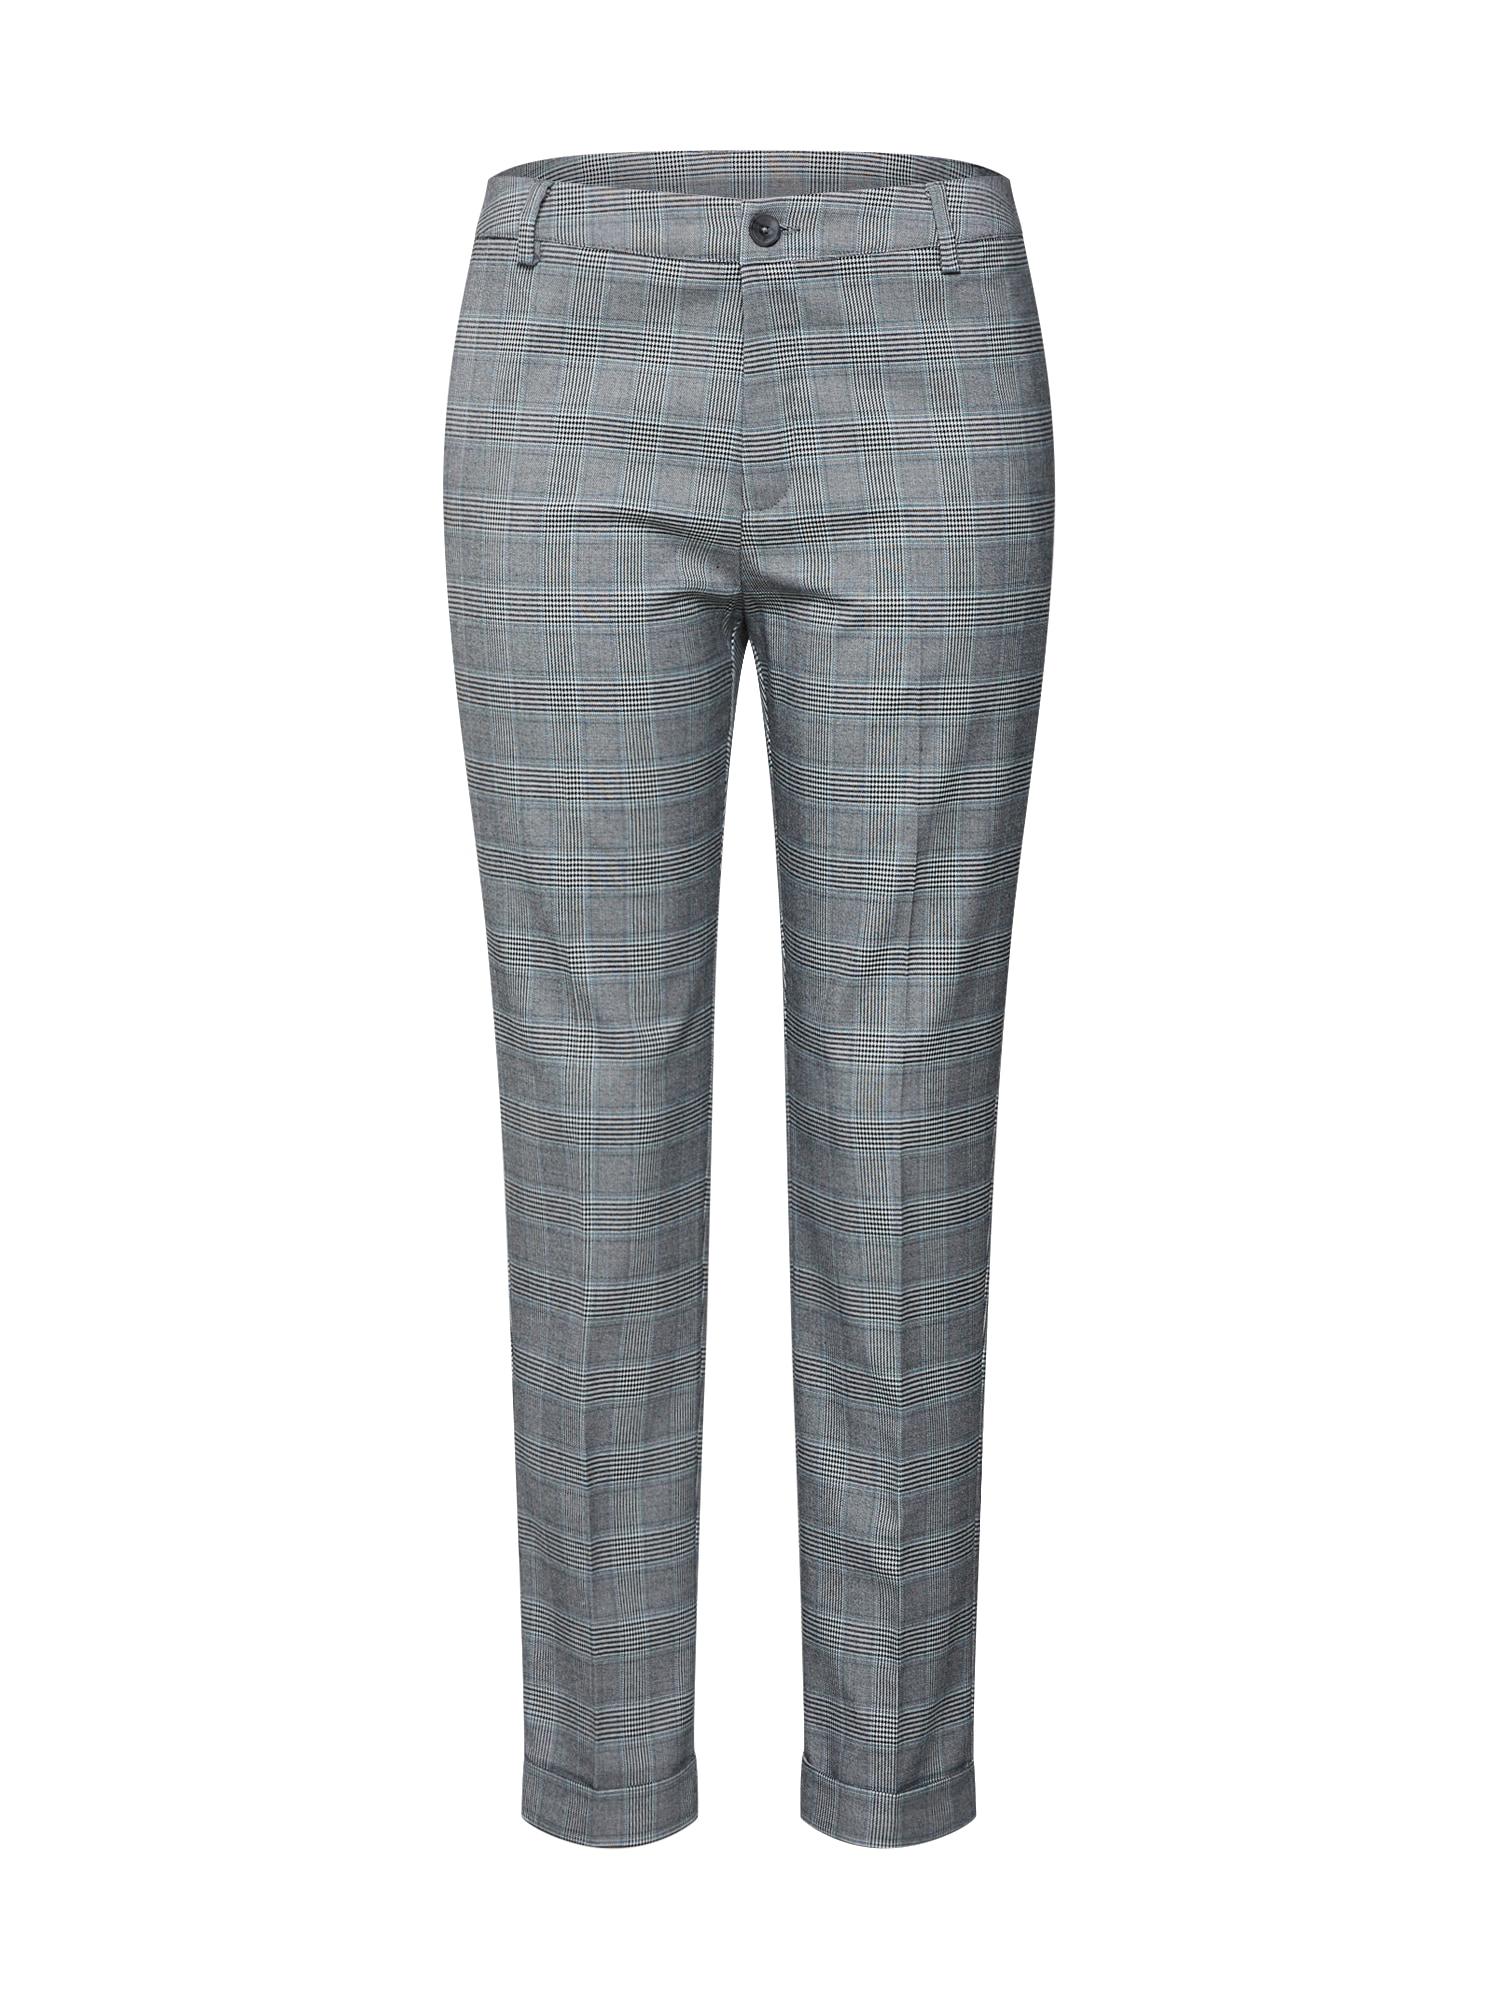 Kalhoty s puky IRENE světlemodrá šedá černá Pepe Jeans